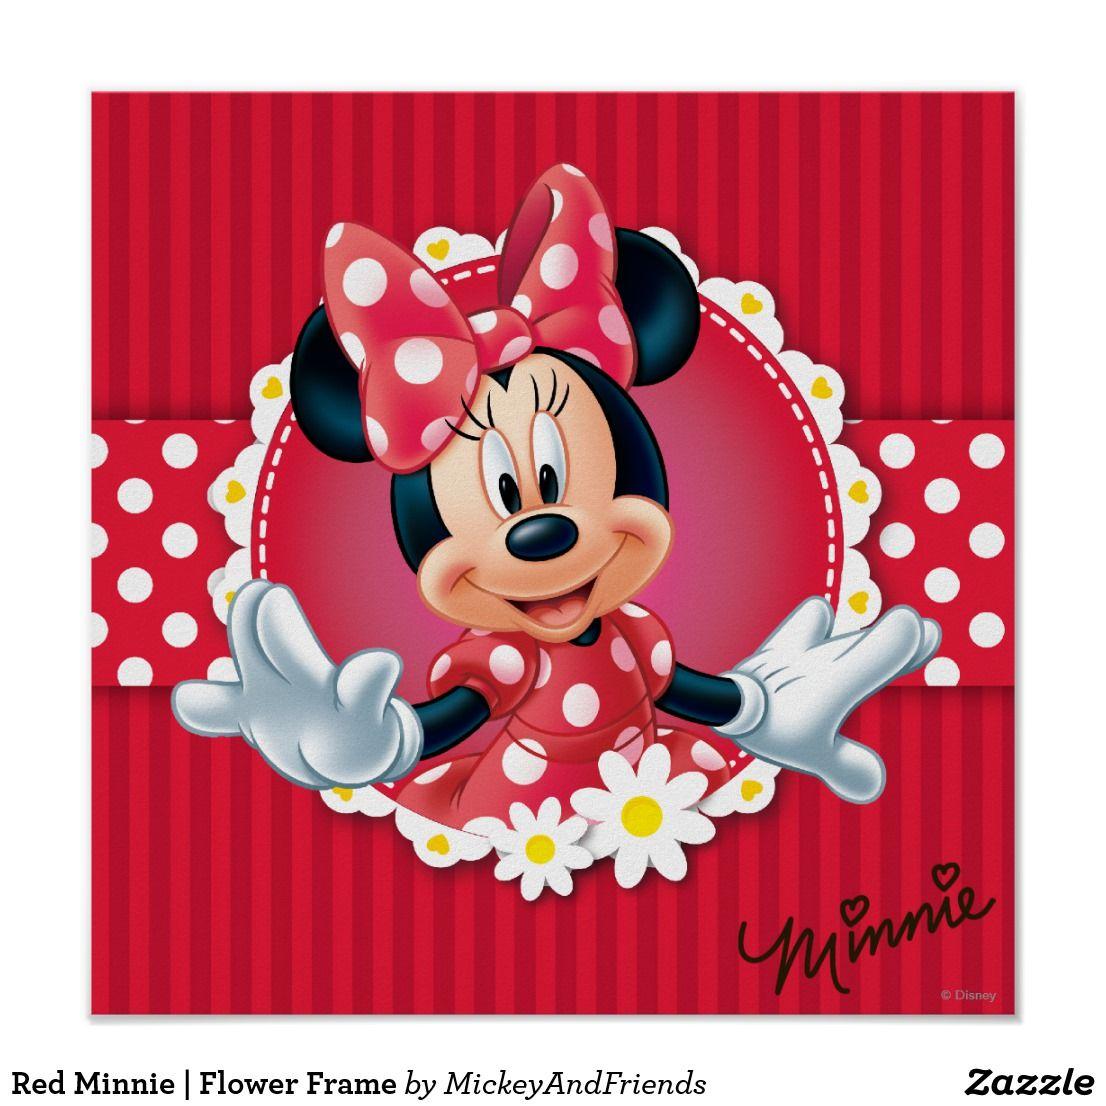 Red Minnie Flower Frame Poster Minnie